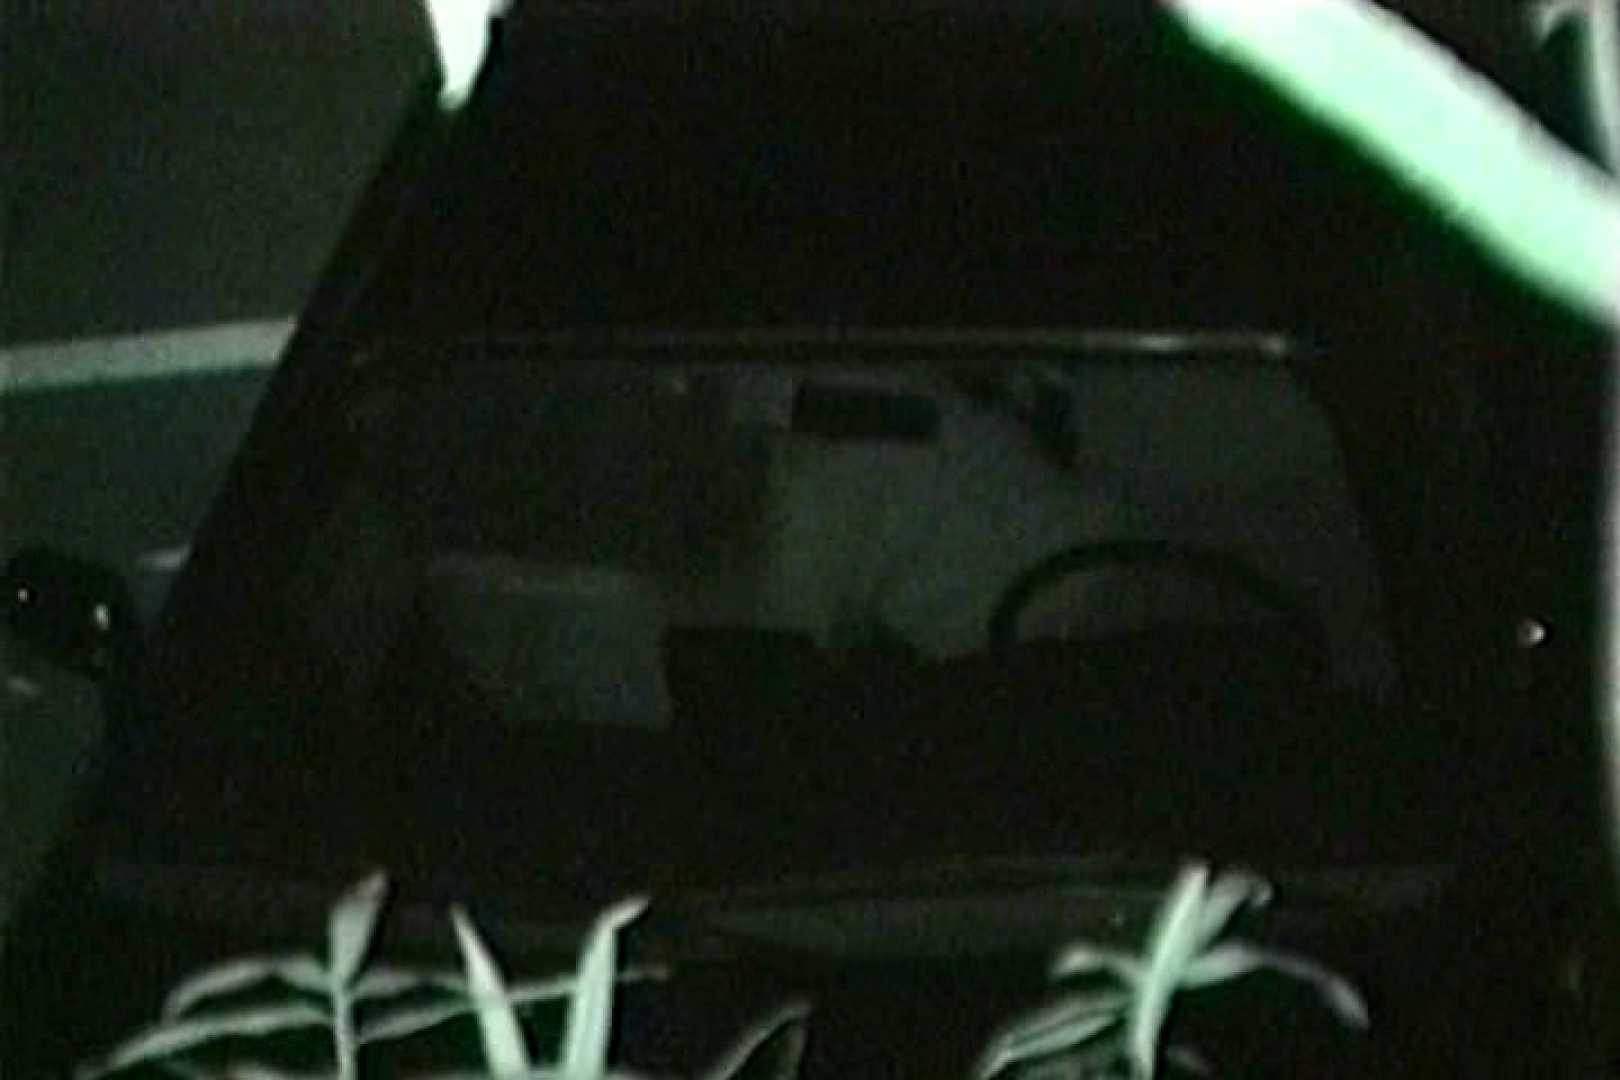 車の中はラブホテル 無修正版  Vol.8 カーセックス  107枚 83